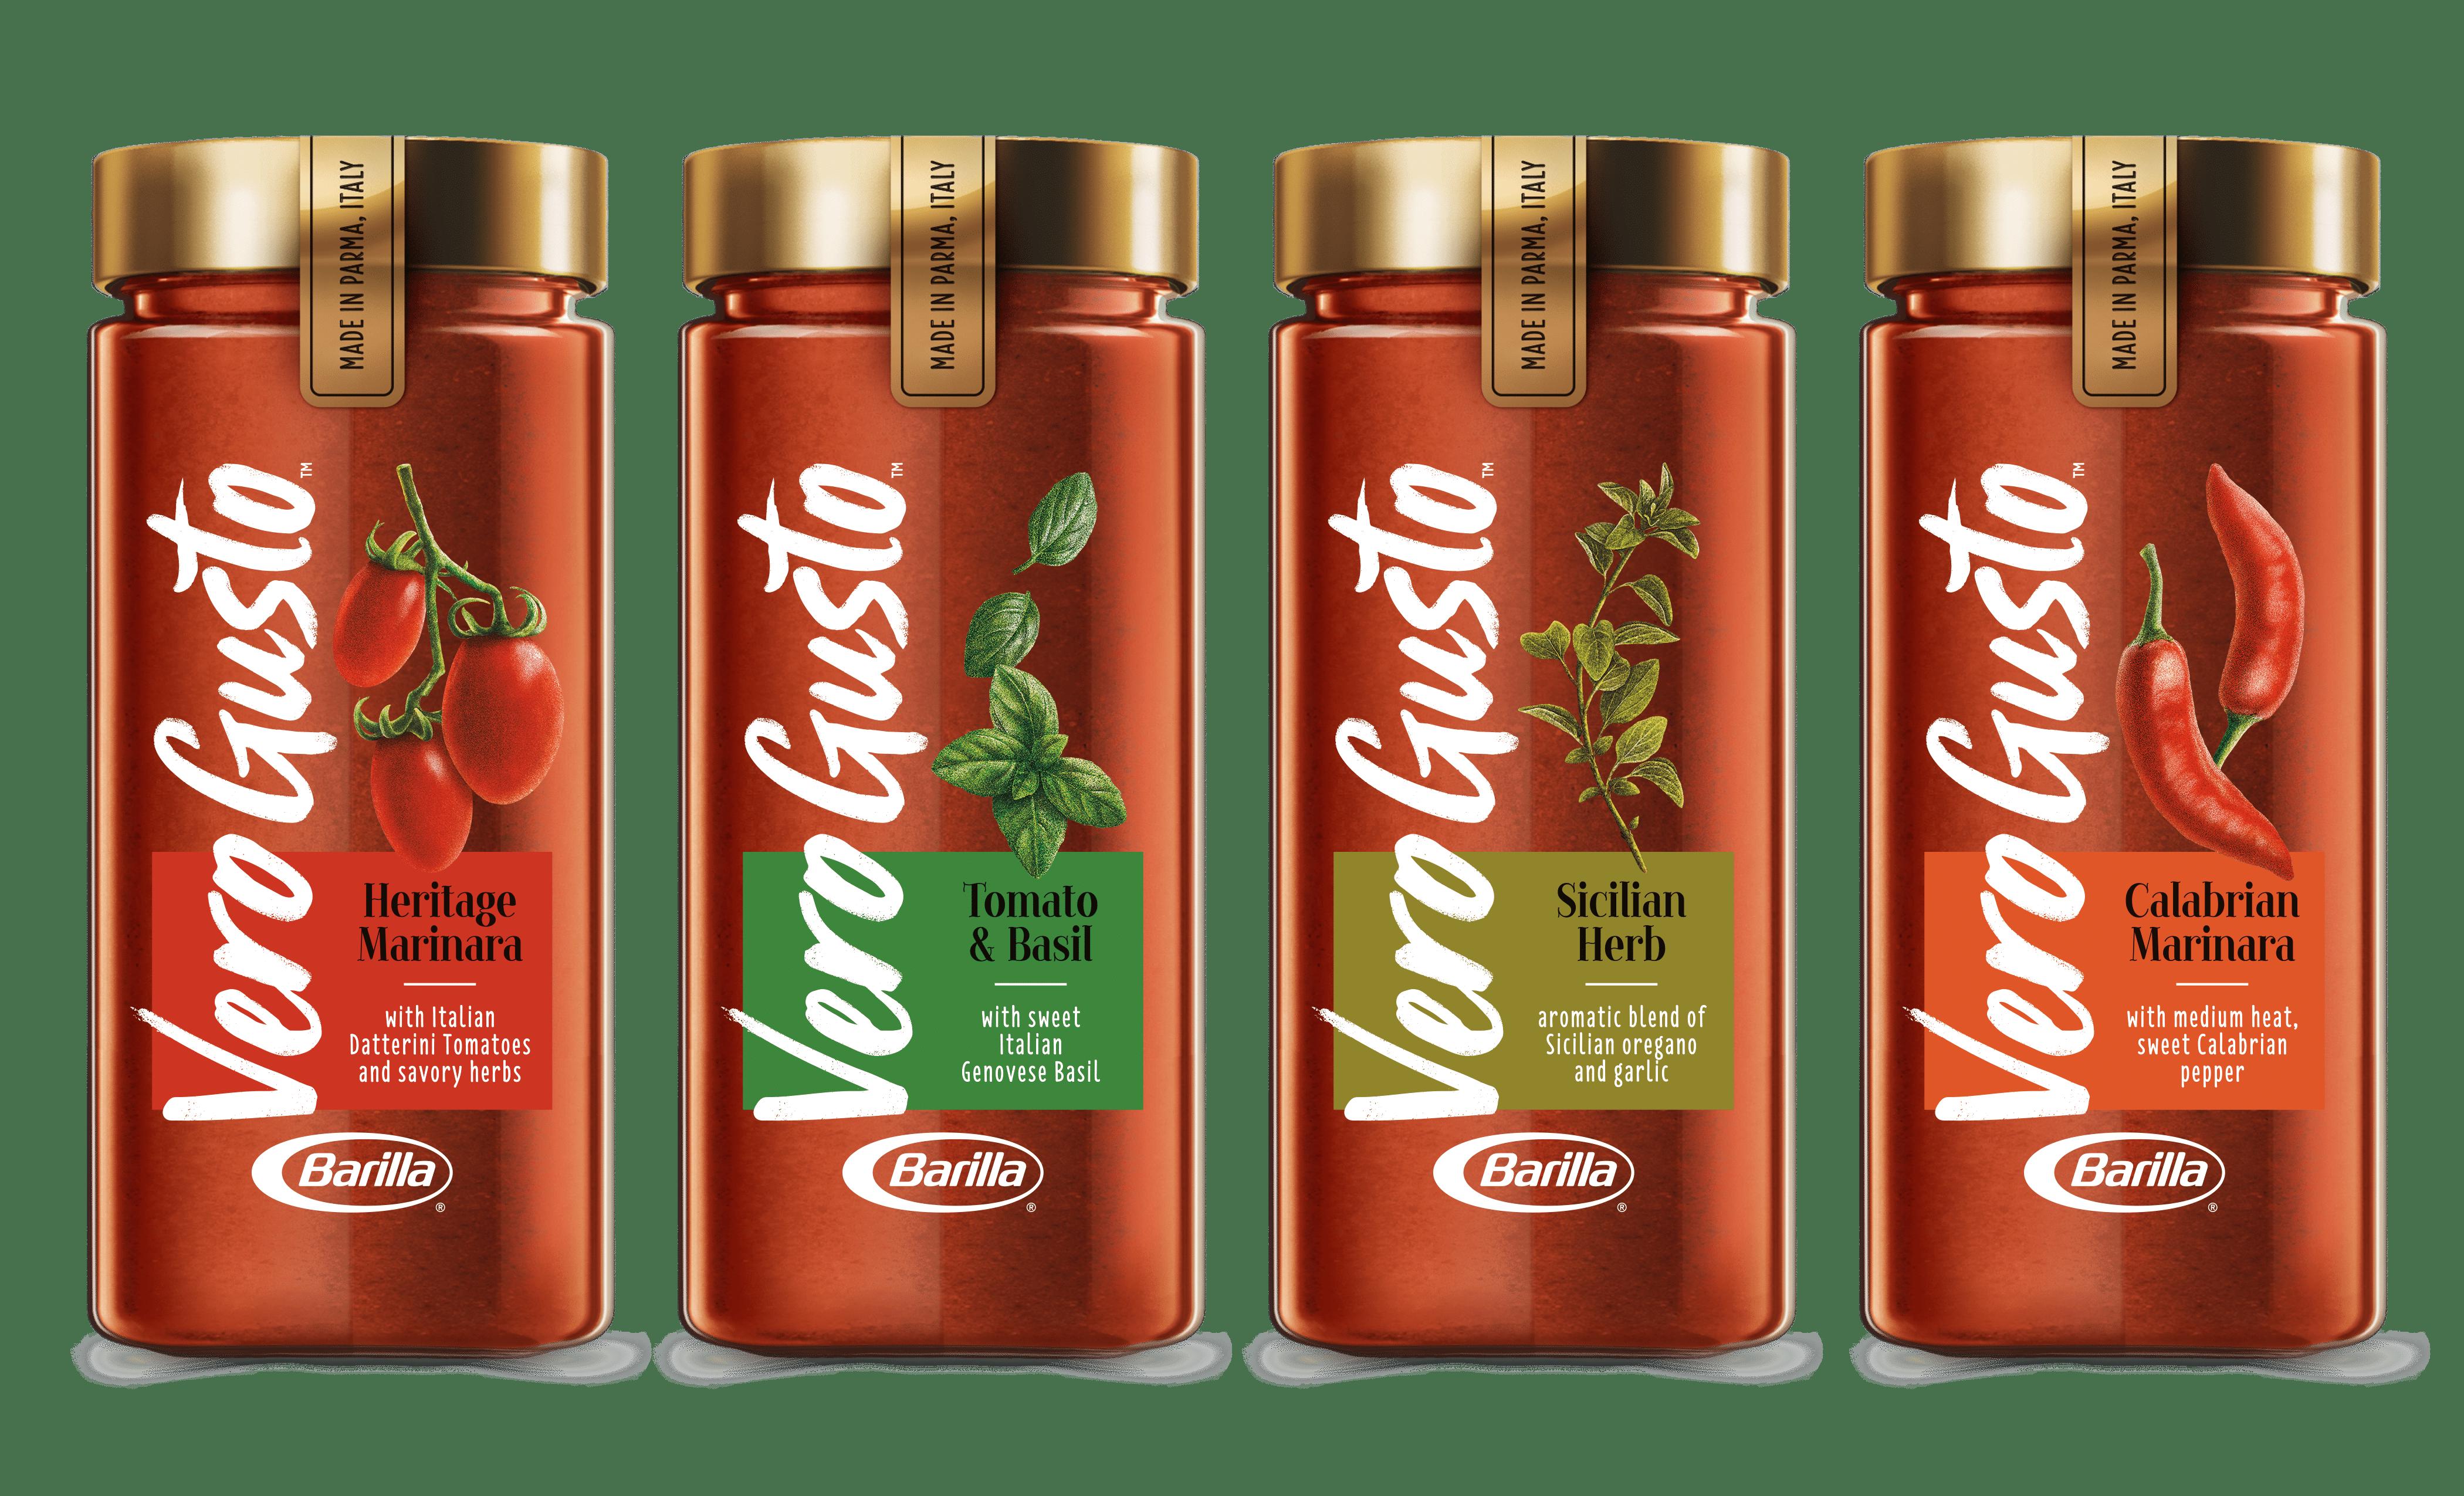 Barilla Launches New Line of Premium Italian Sauces